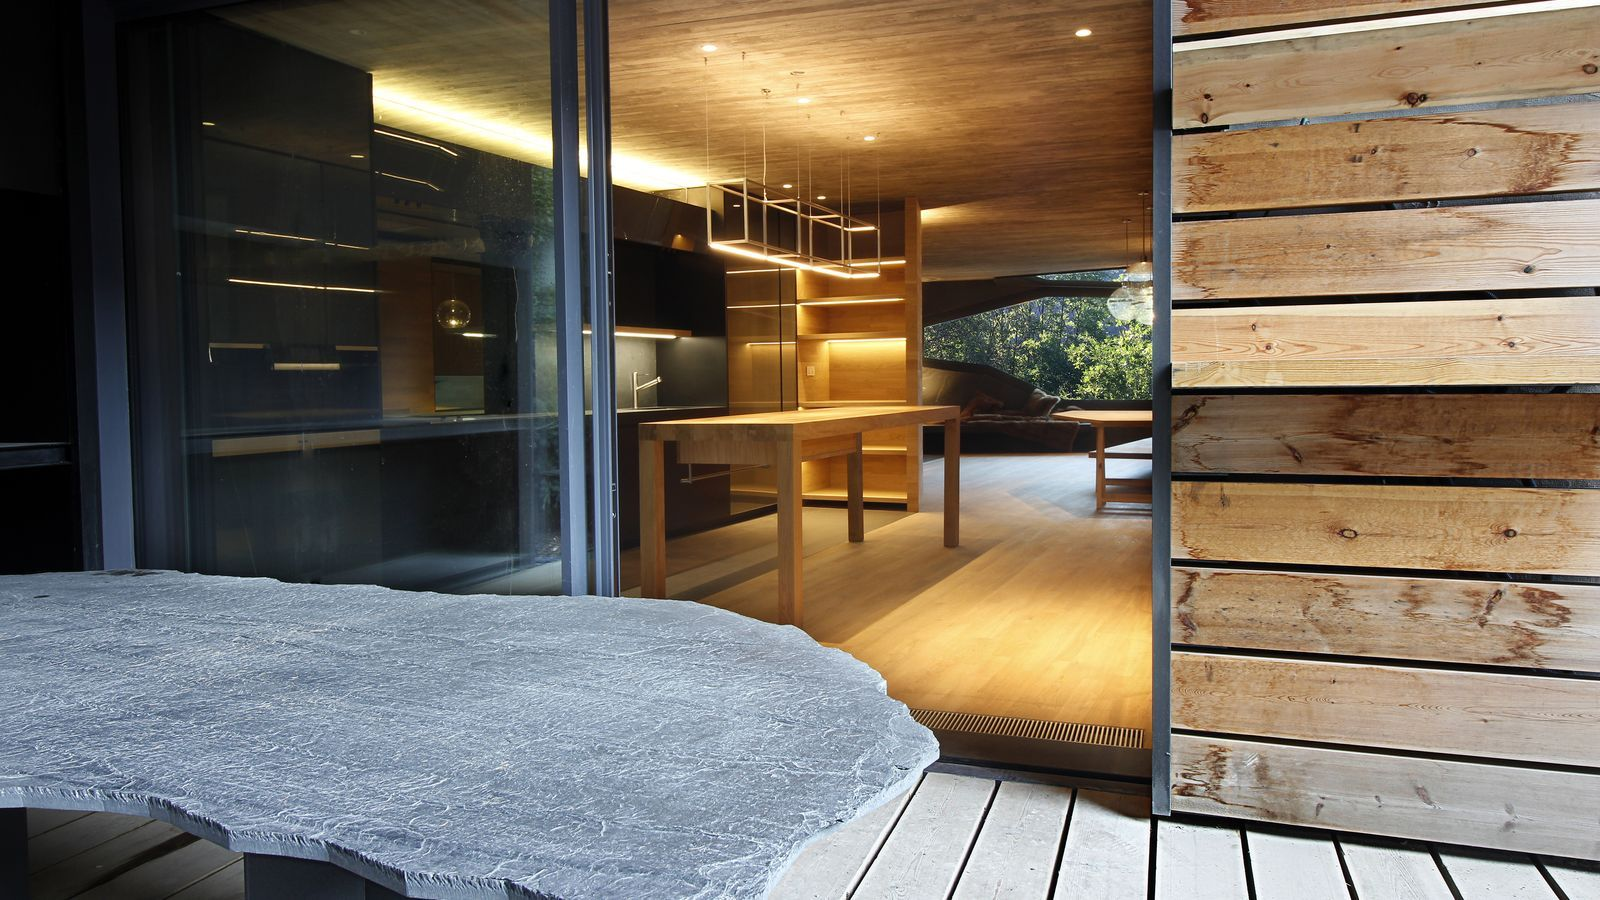 Detalls de com seran els pisos de la Querola. / CONSULTORIA SINGULAR